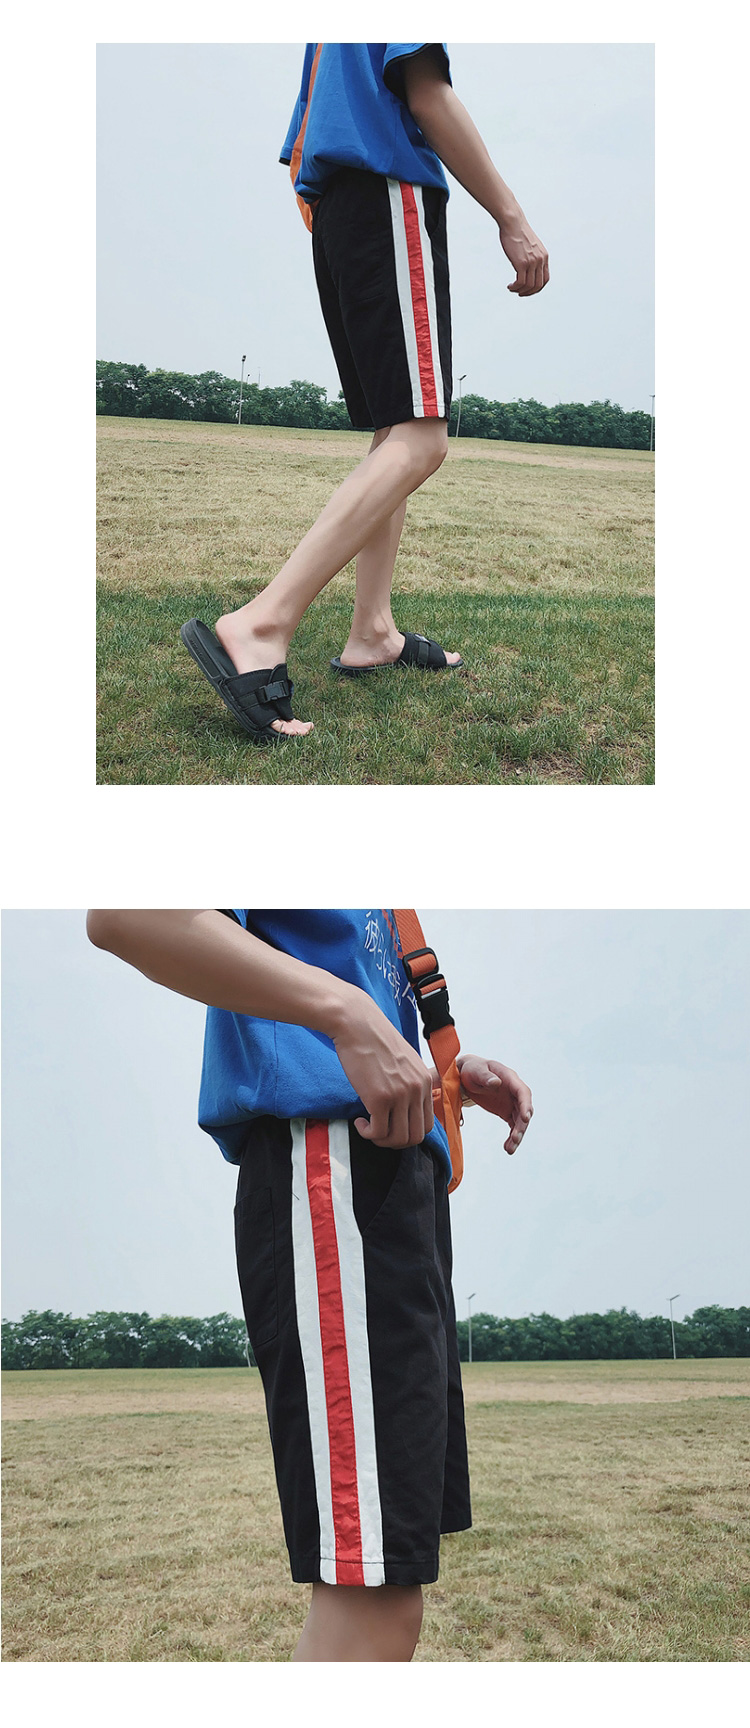 K938/P25韩版潮流五分休闲裤薄款宽松短裤夏季学生百搭大码沙滩裤